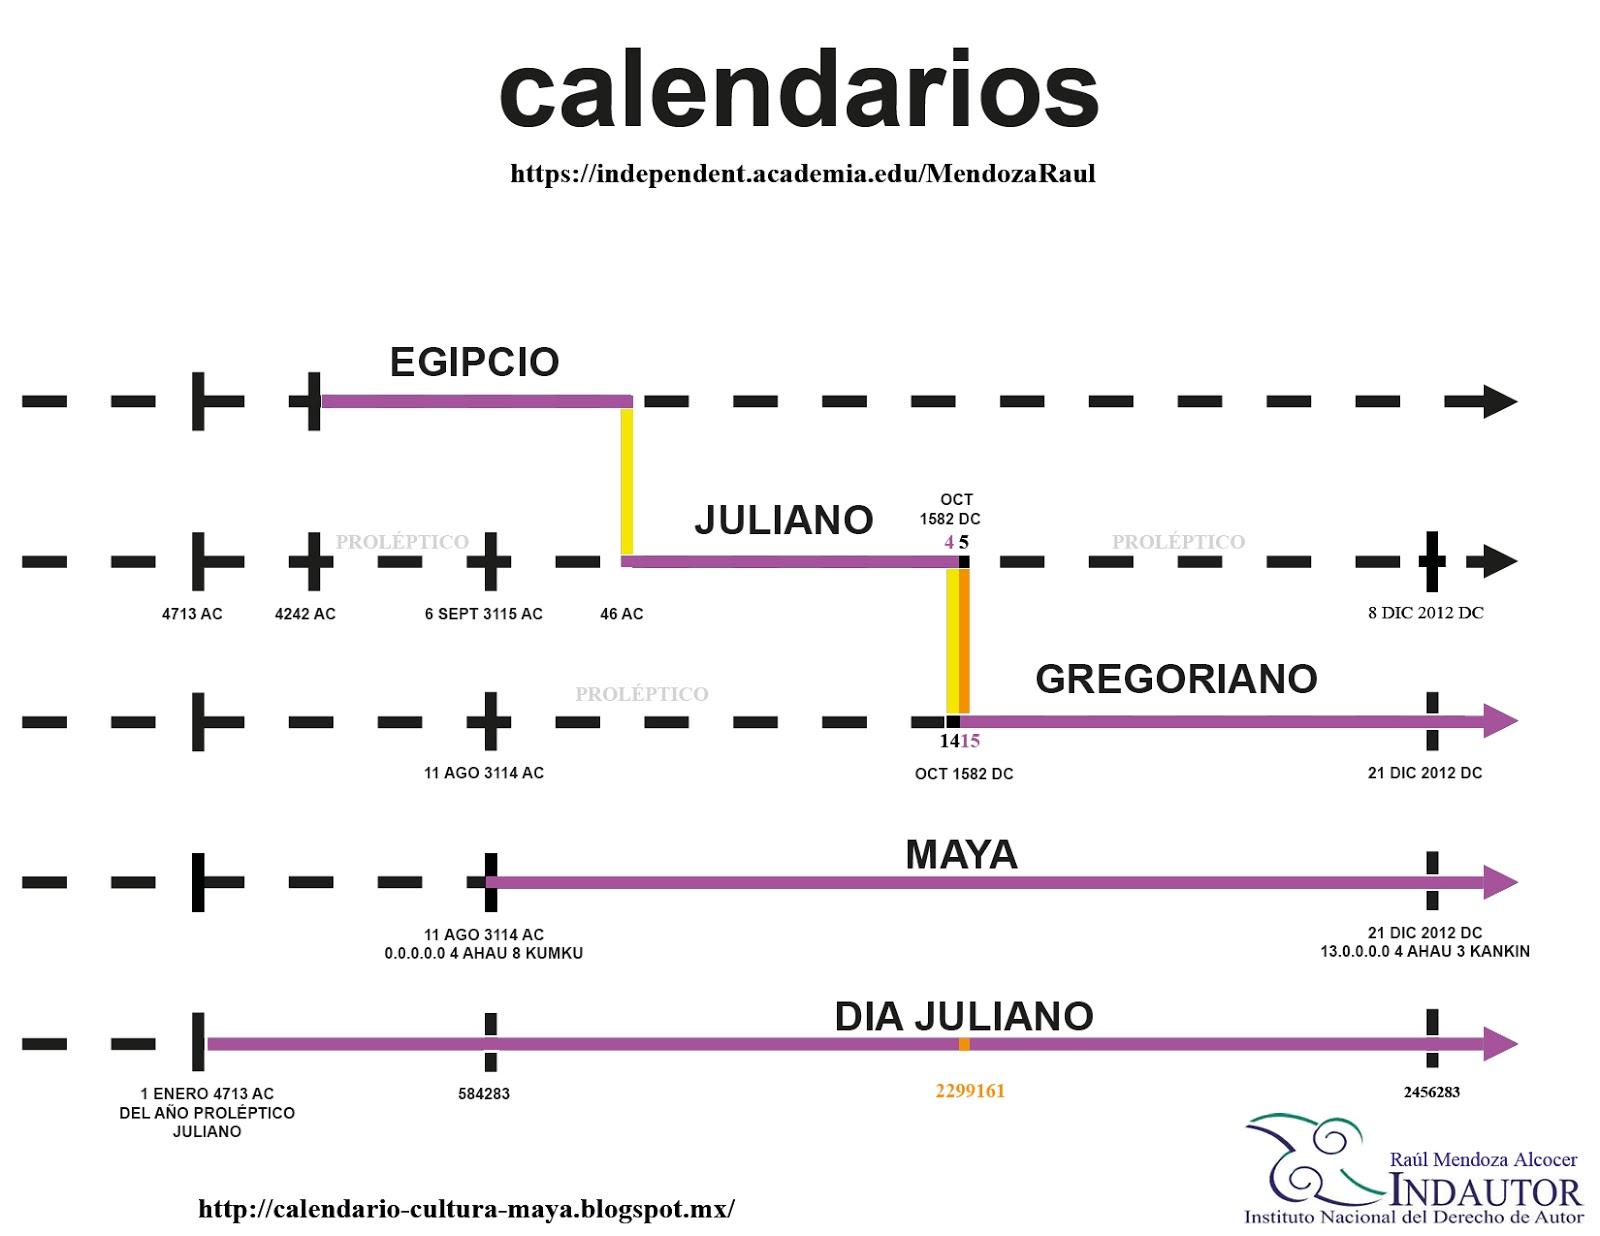 Maya: El Calendario Juliano, Gregoriano, Maya y el Día Juliano